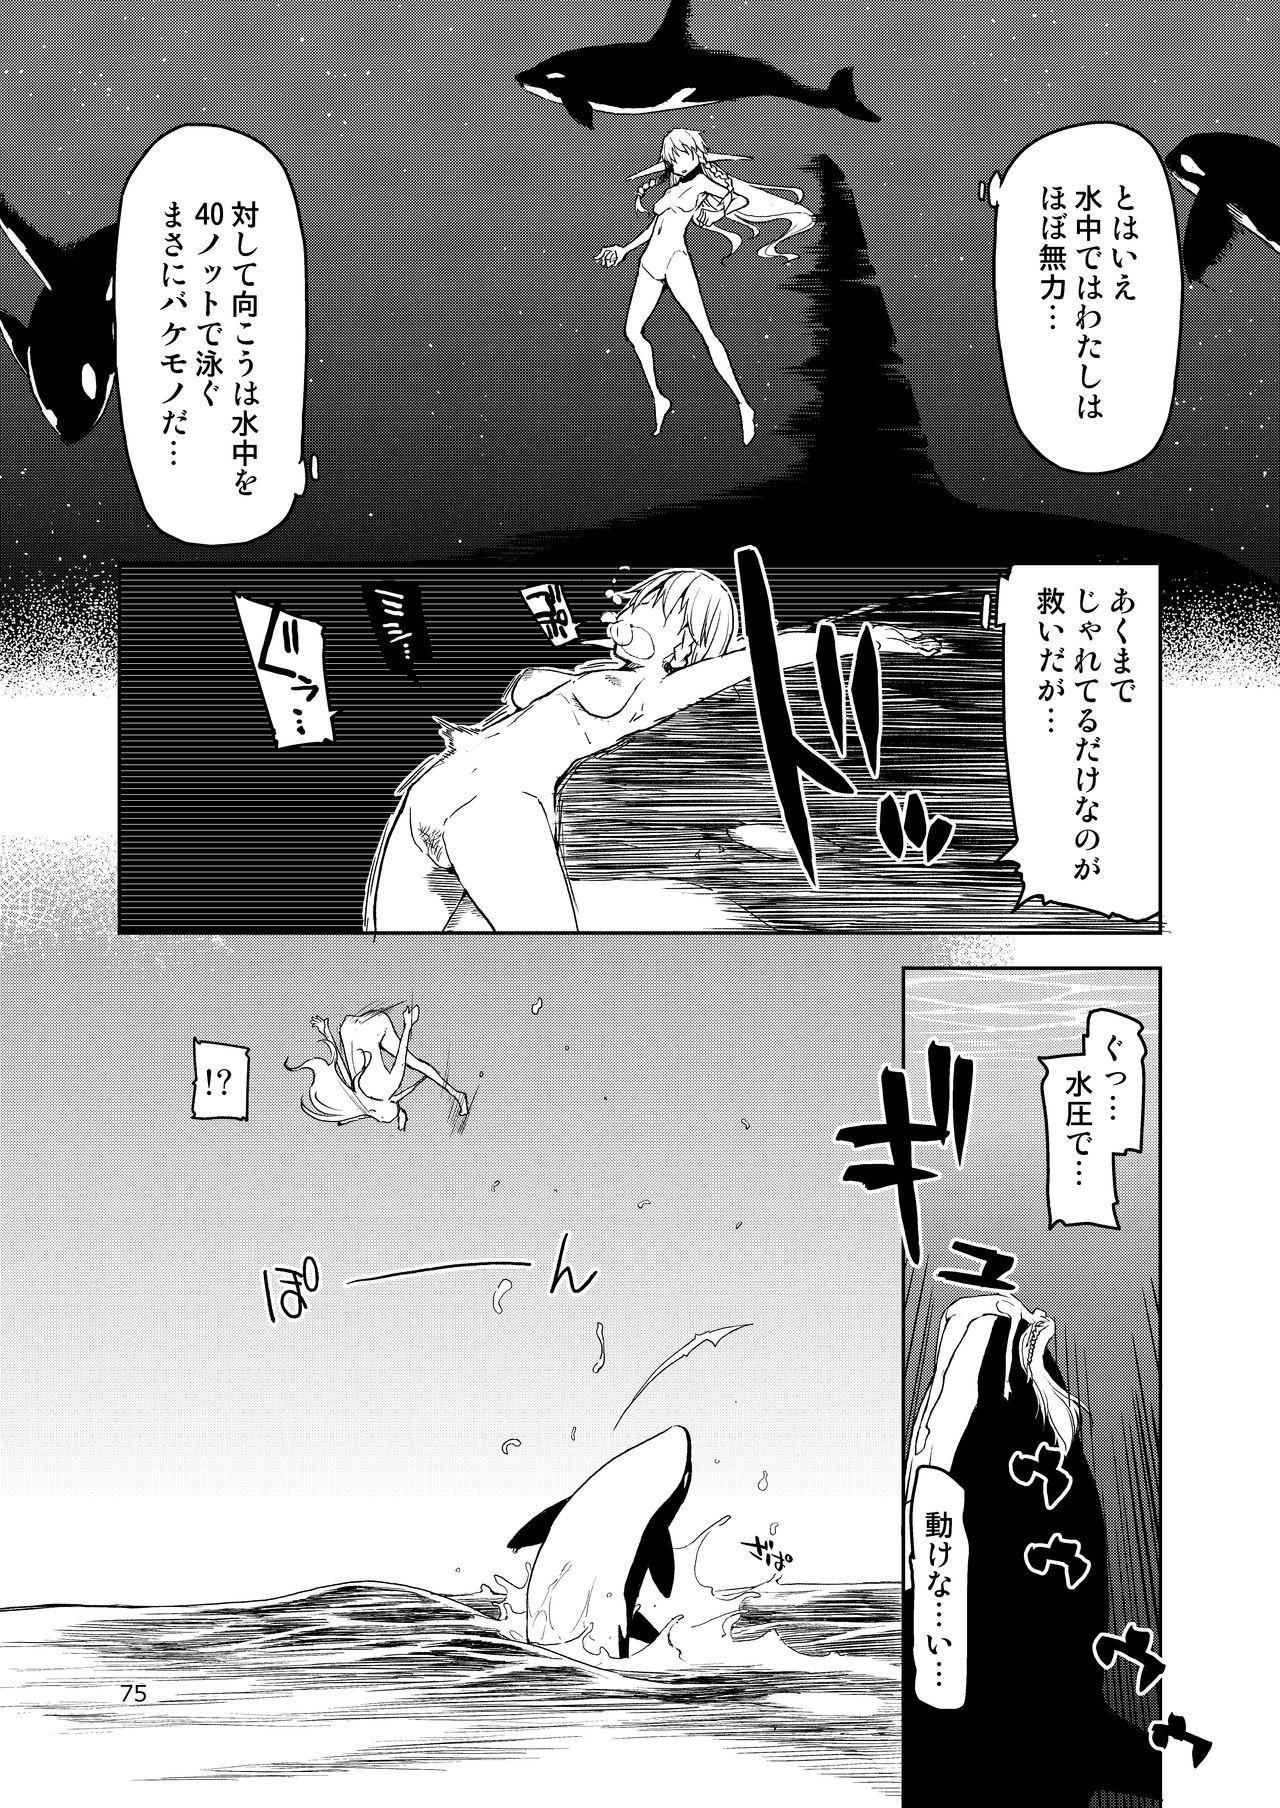 Dosukebe Elf no Ishukan Nikki Matome 2 75